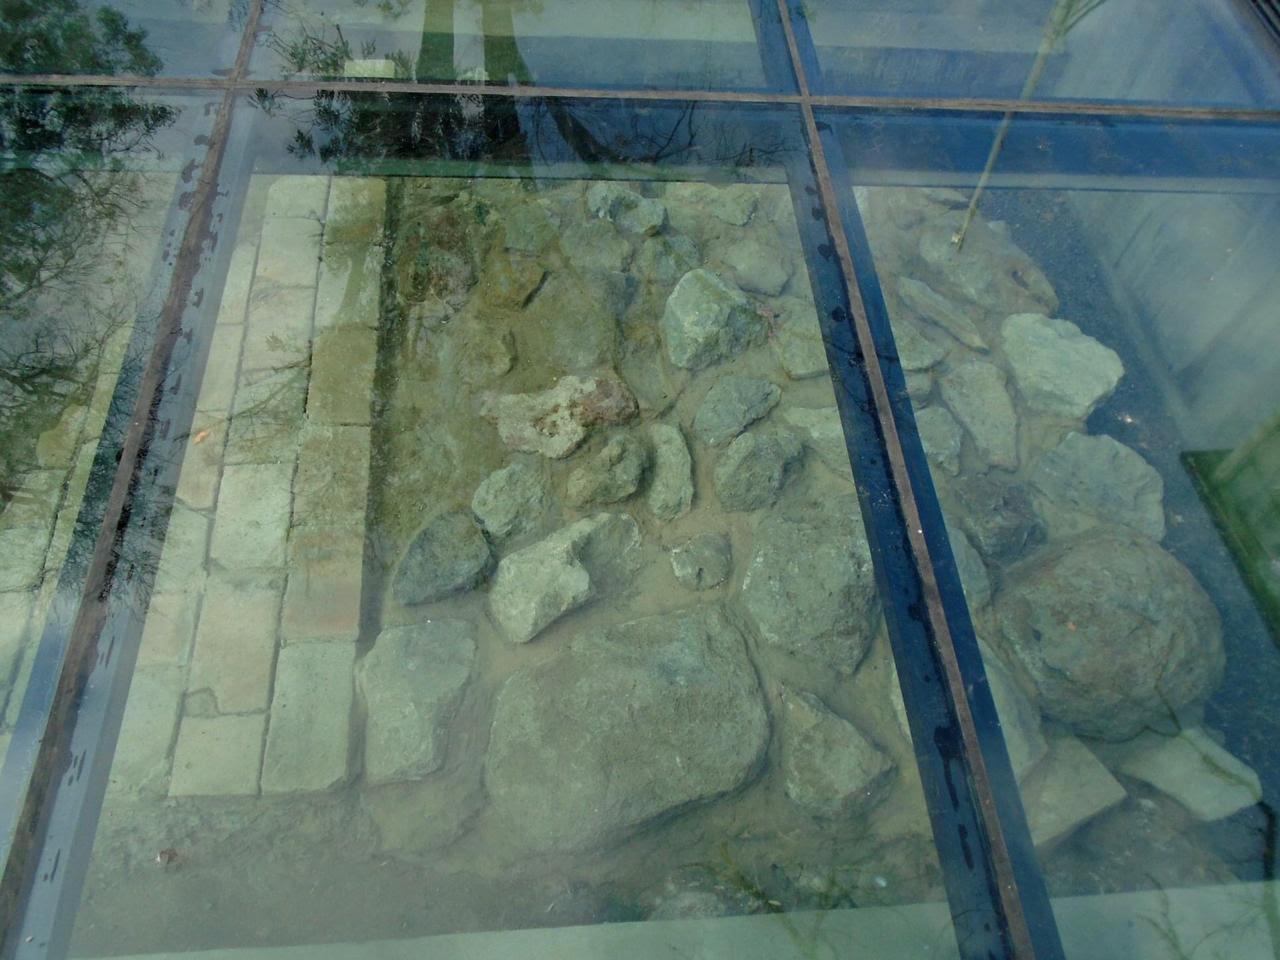 Atlixquenses caminarán sobre piso de 900 años en San Miguel